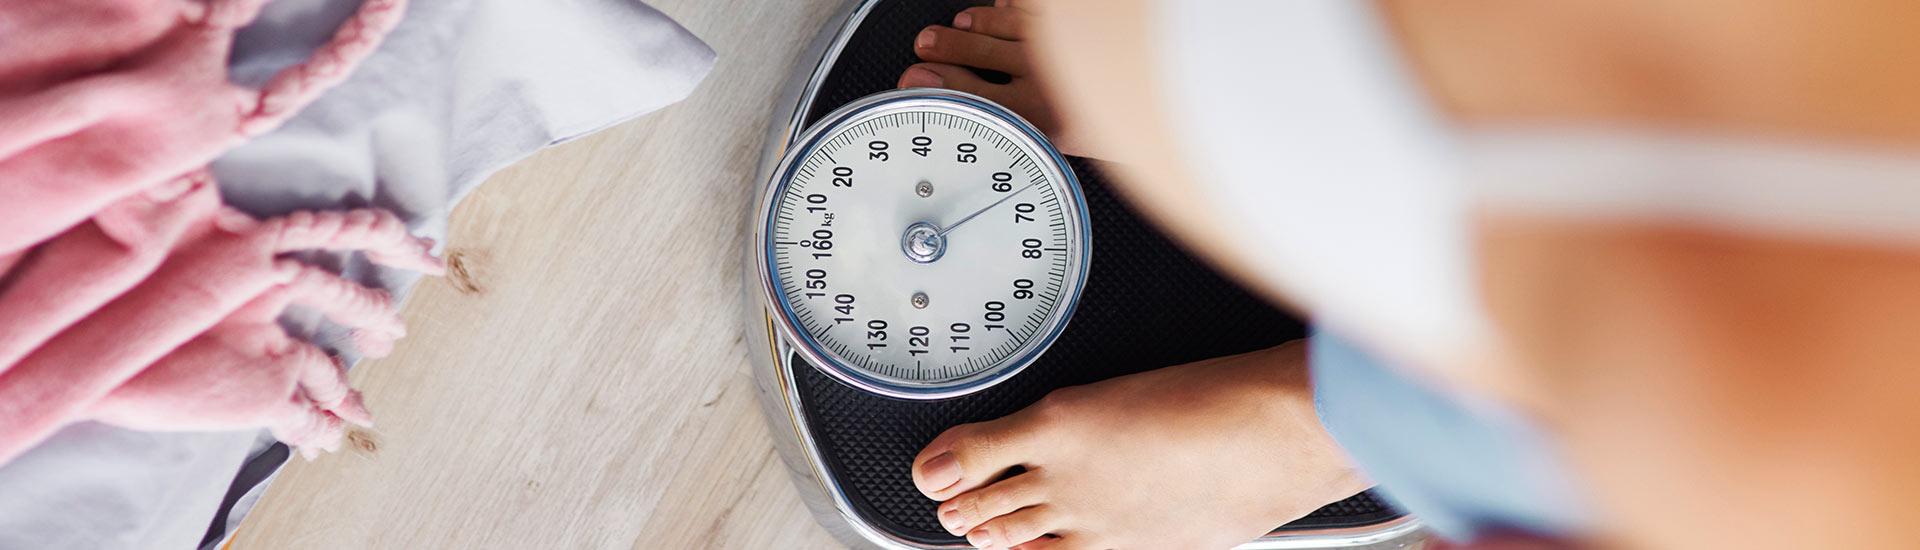 Meso Anti Cellulite Farbtherapie Rosenheim und Bad Aibling